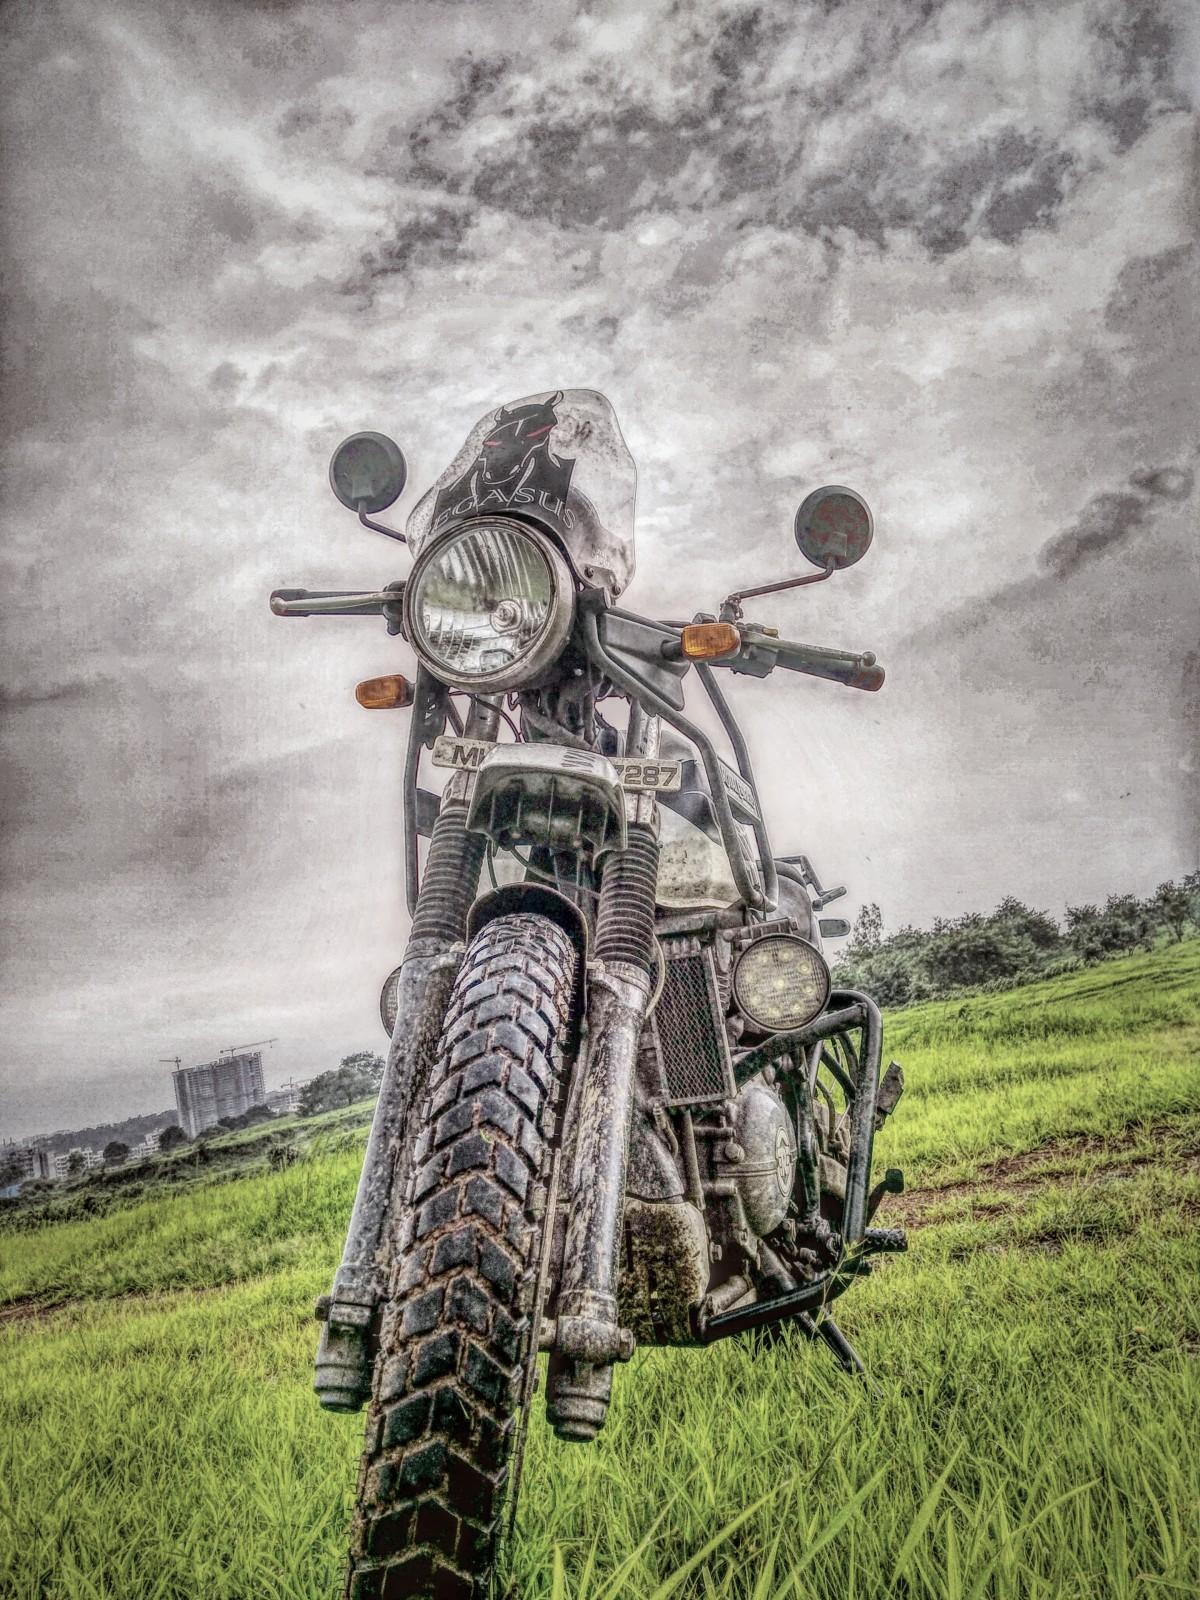 Moto G Plus >> Free Images : royal, himalayan, motorbike, clouds, green, grass, bike, tour, motor vehicle ...